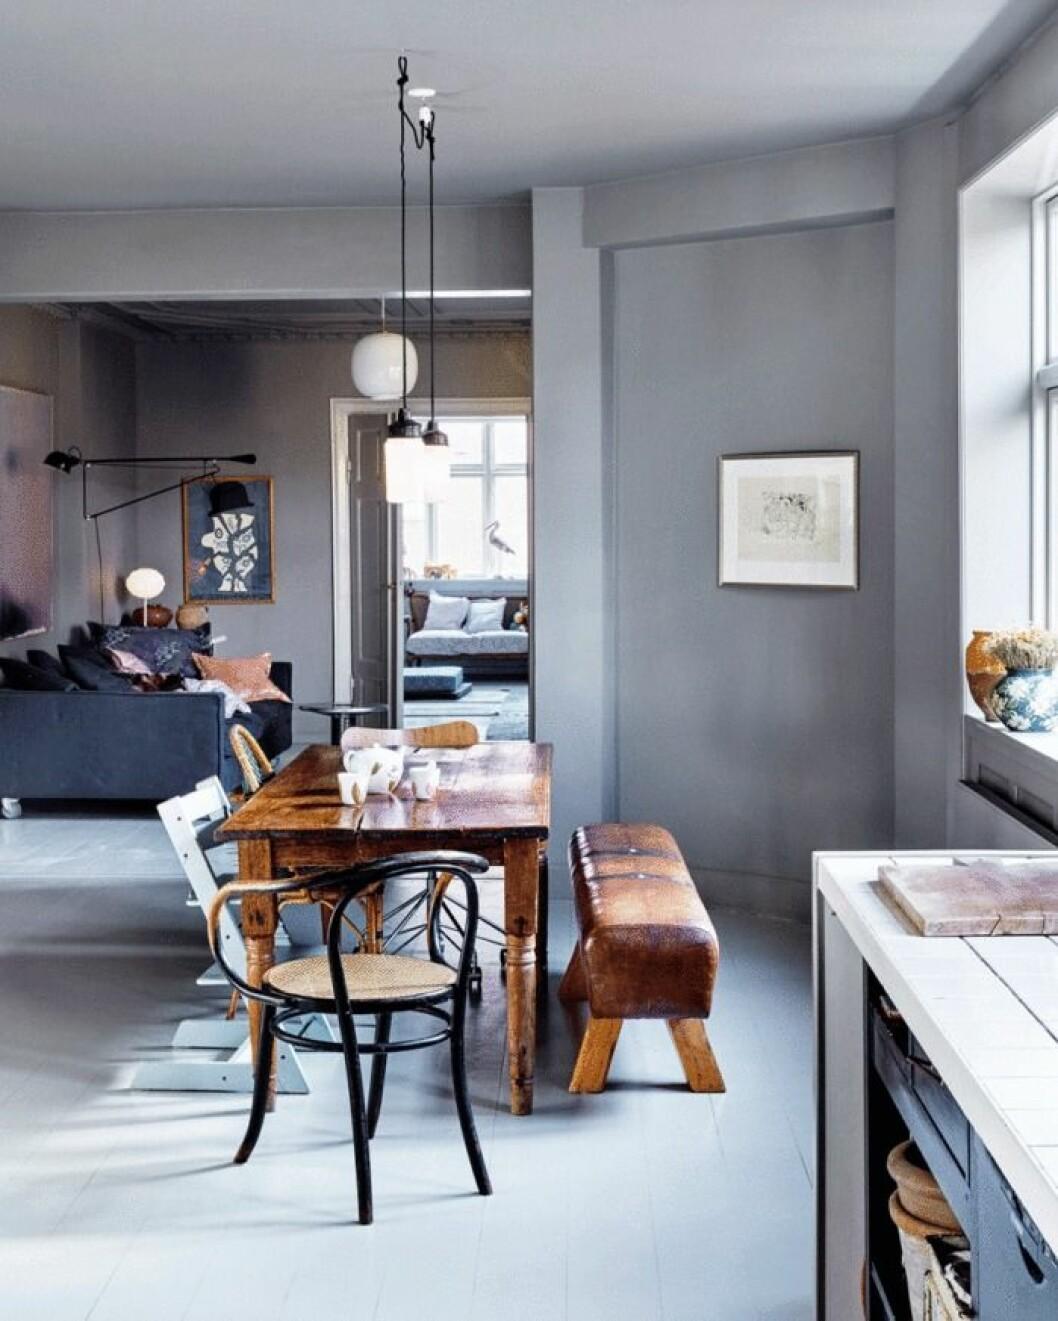 Matplats i grått och lackat matbord i trä